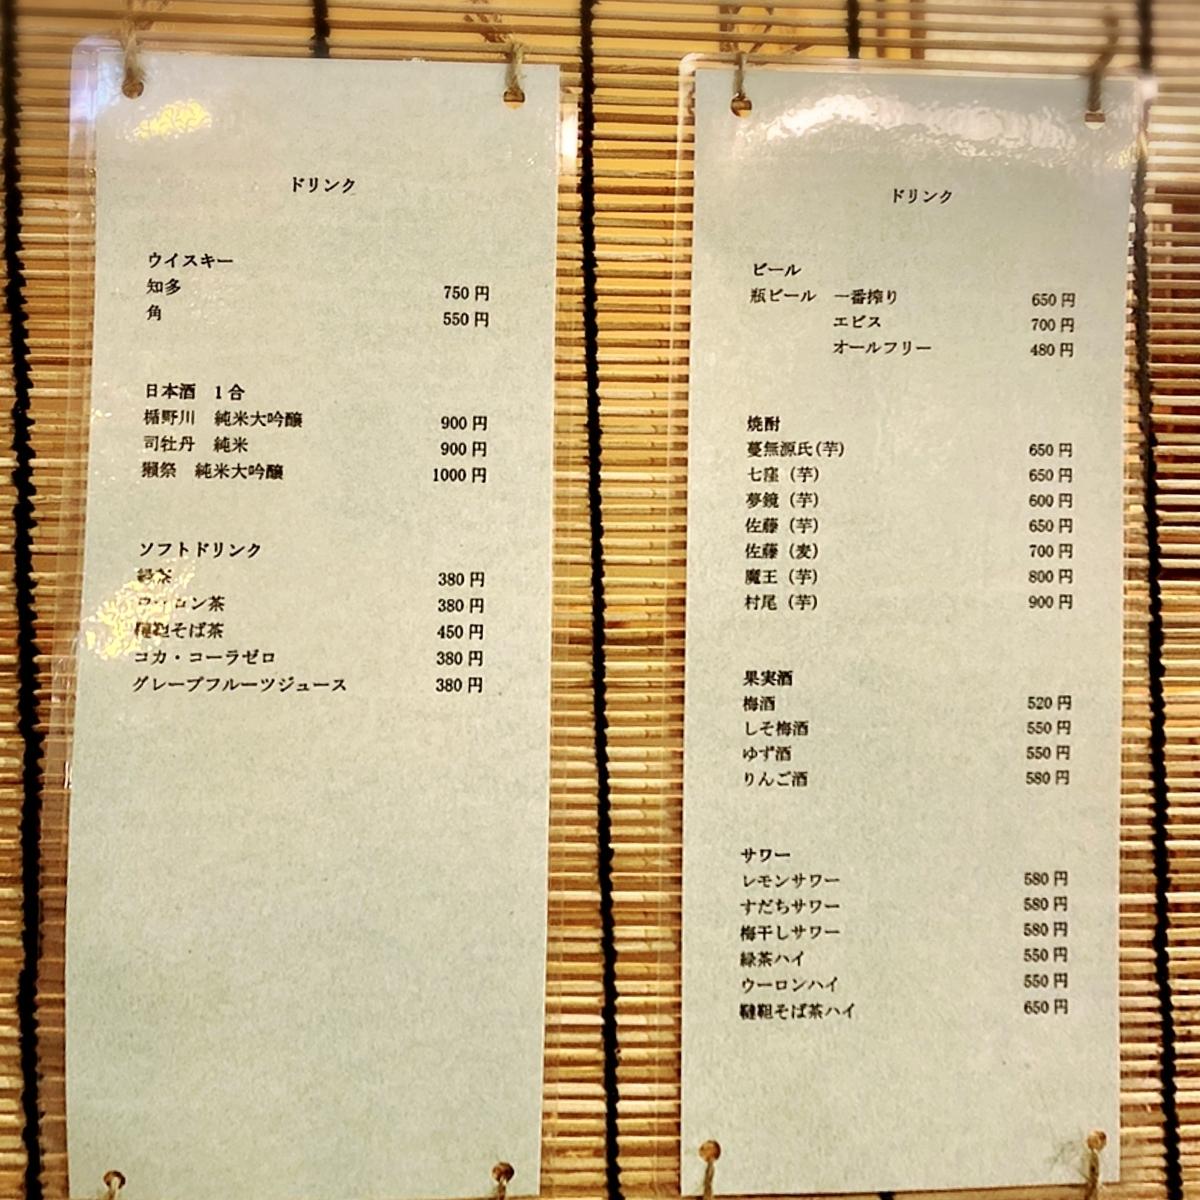 「板蕎麦 ちどり」のメニューと値段1